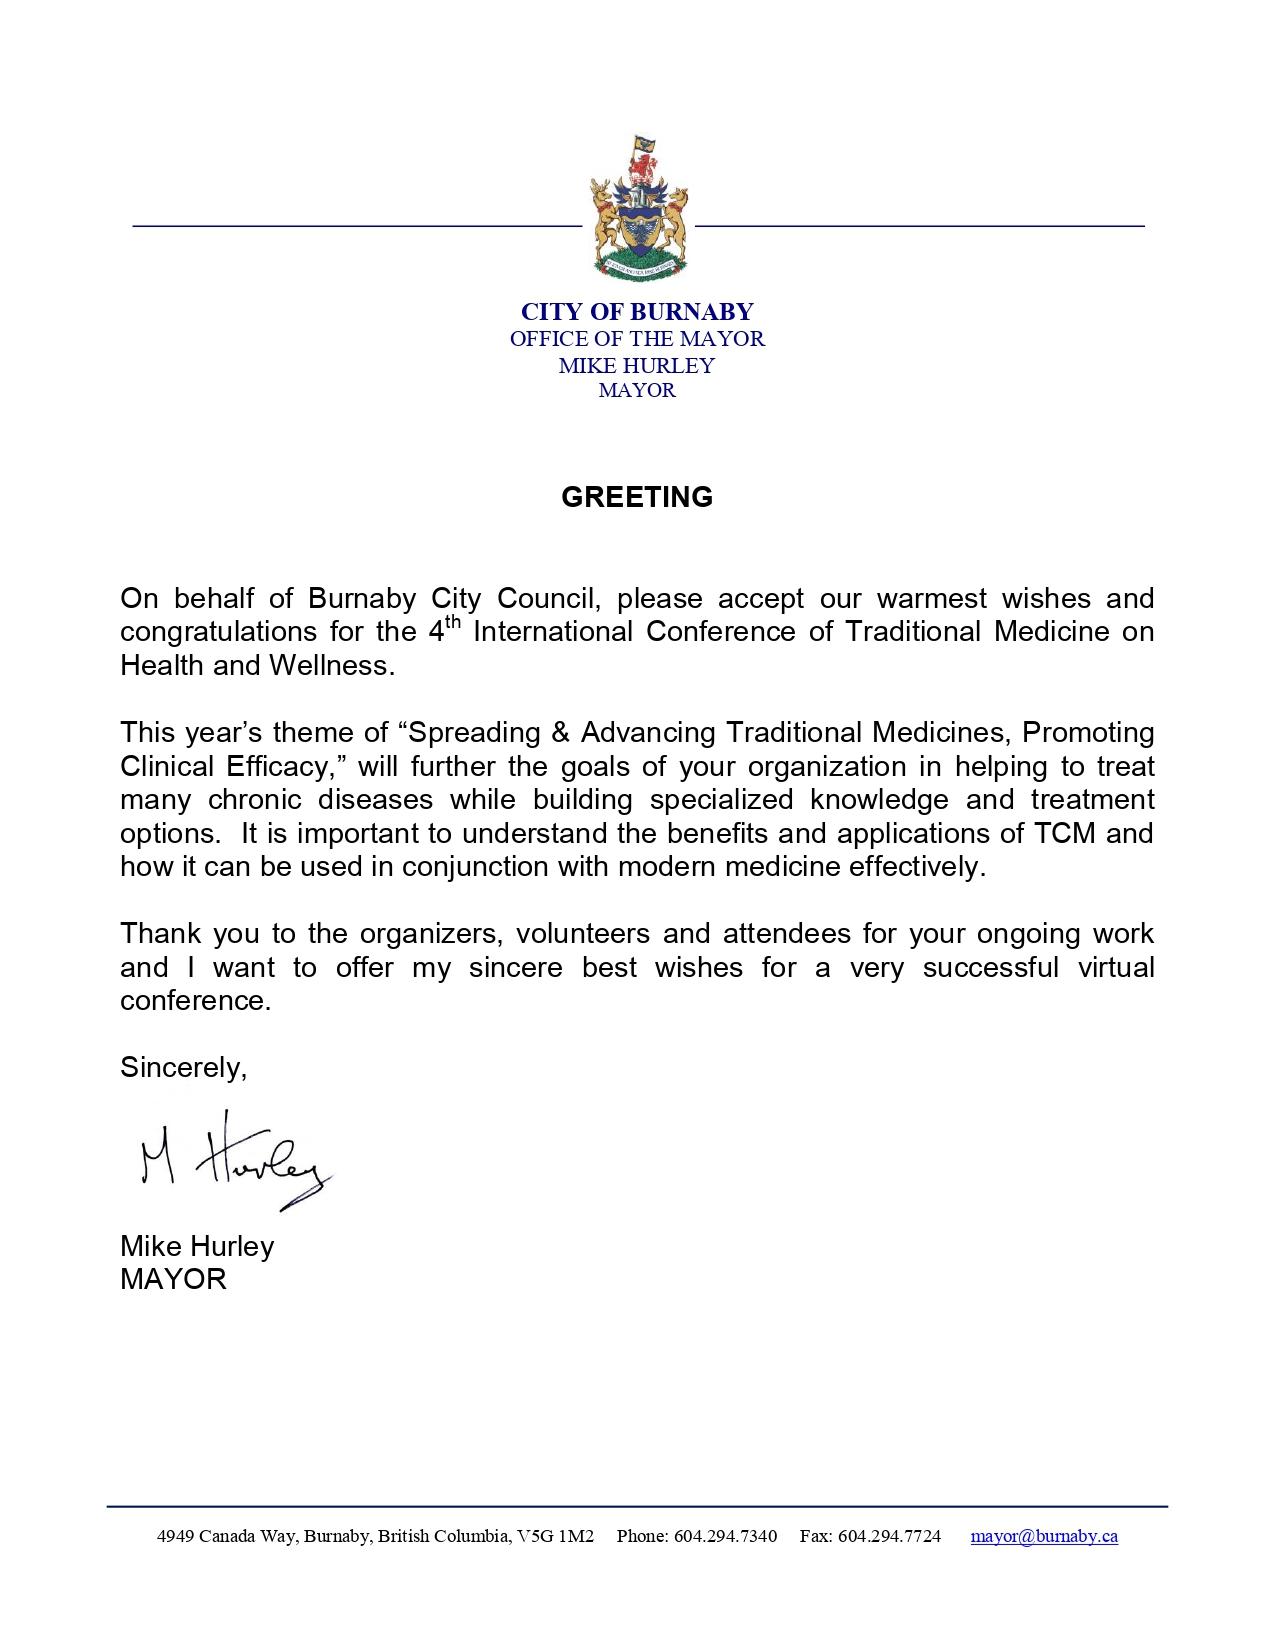 加拿大BC省本拿比市长Mike Hurley